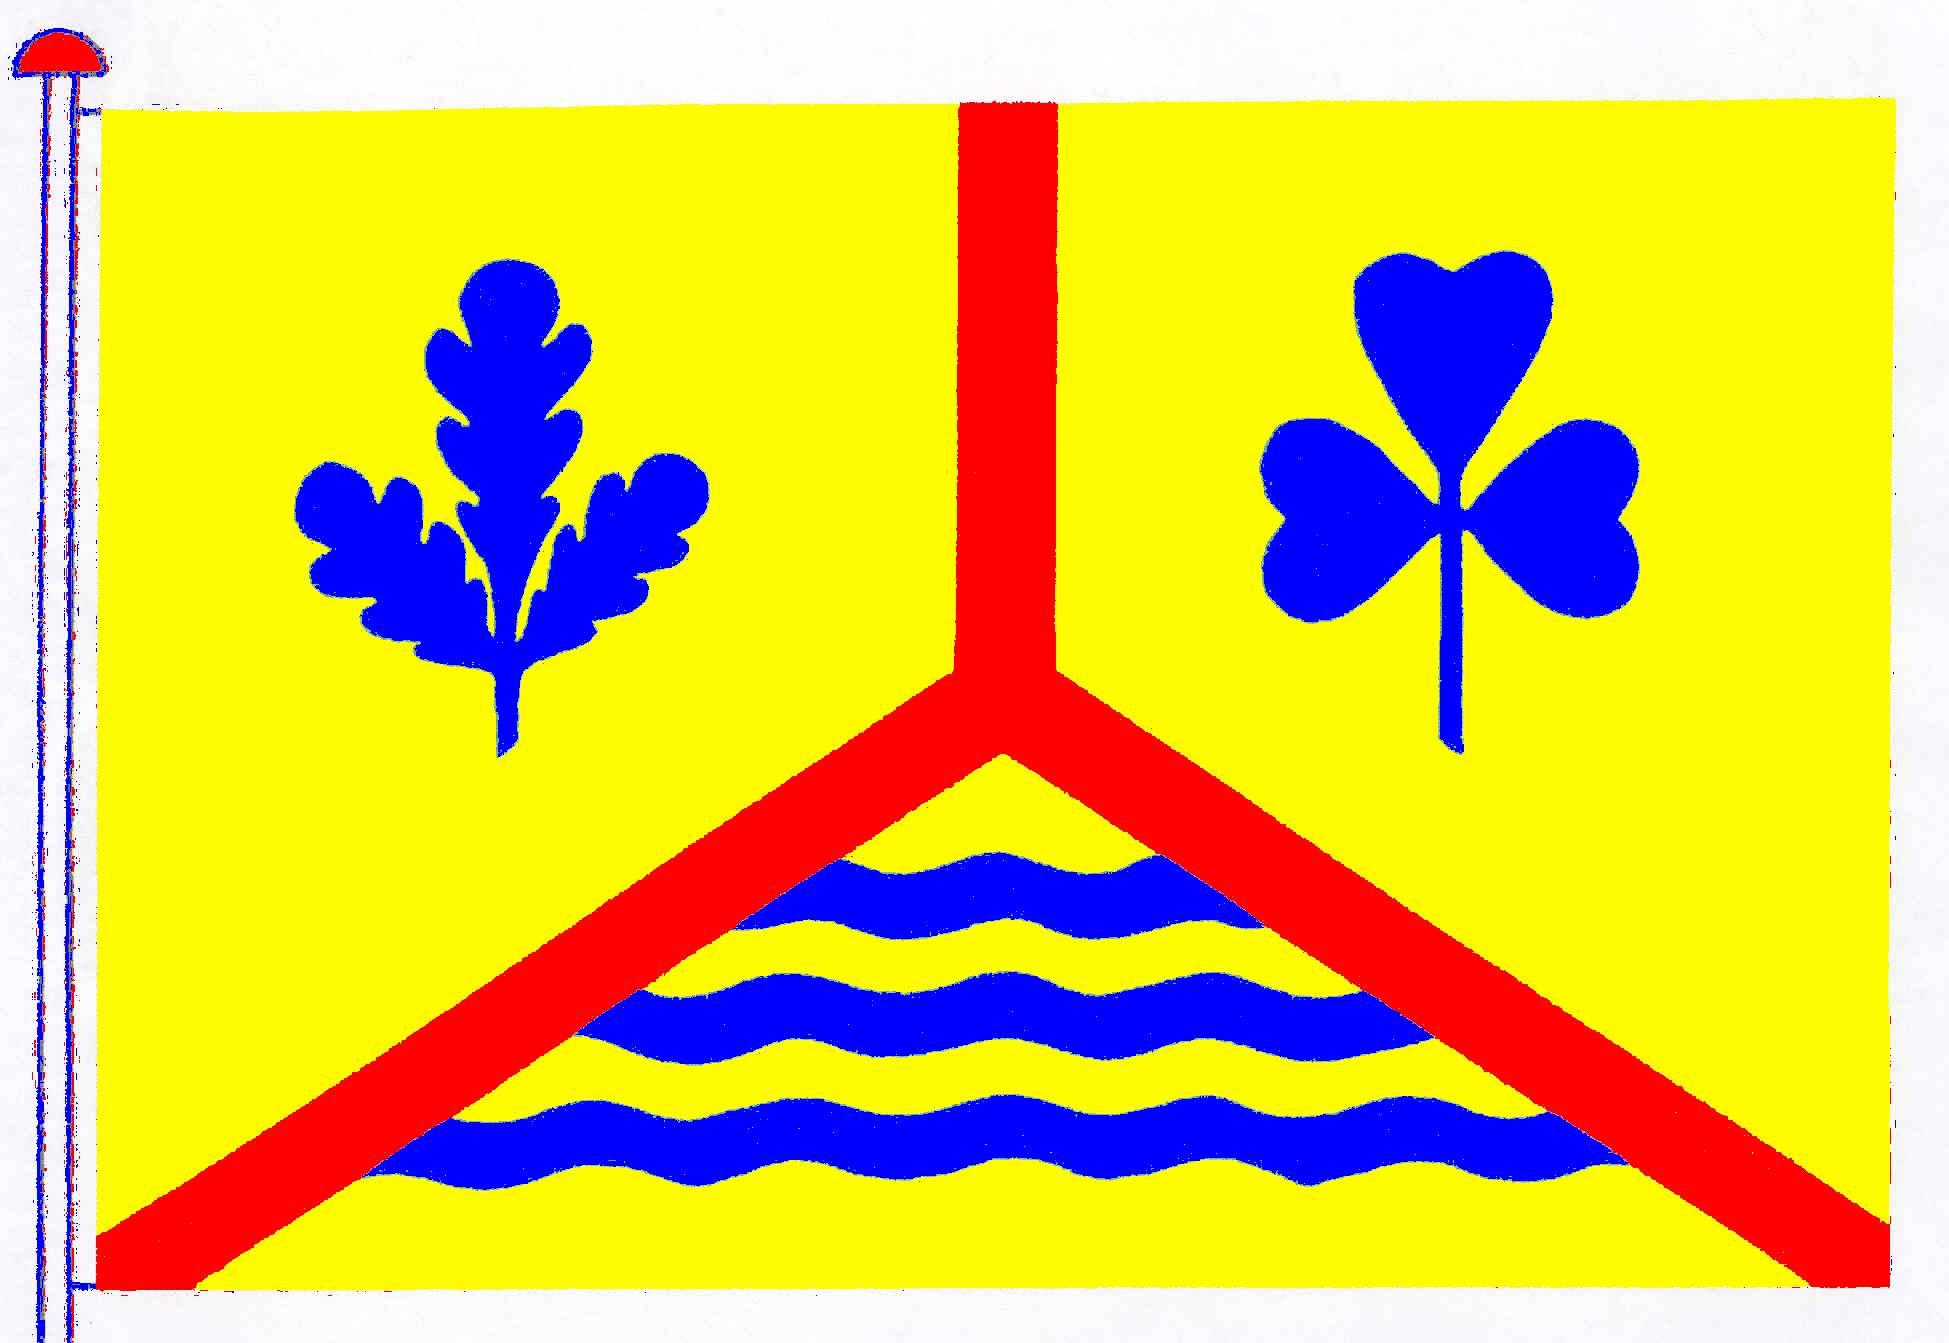 Flagge GemeindeLadelund, Kreis Nordfriesland